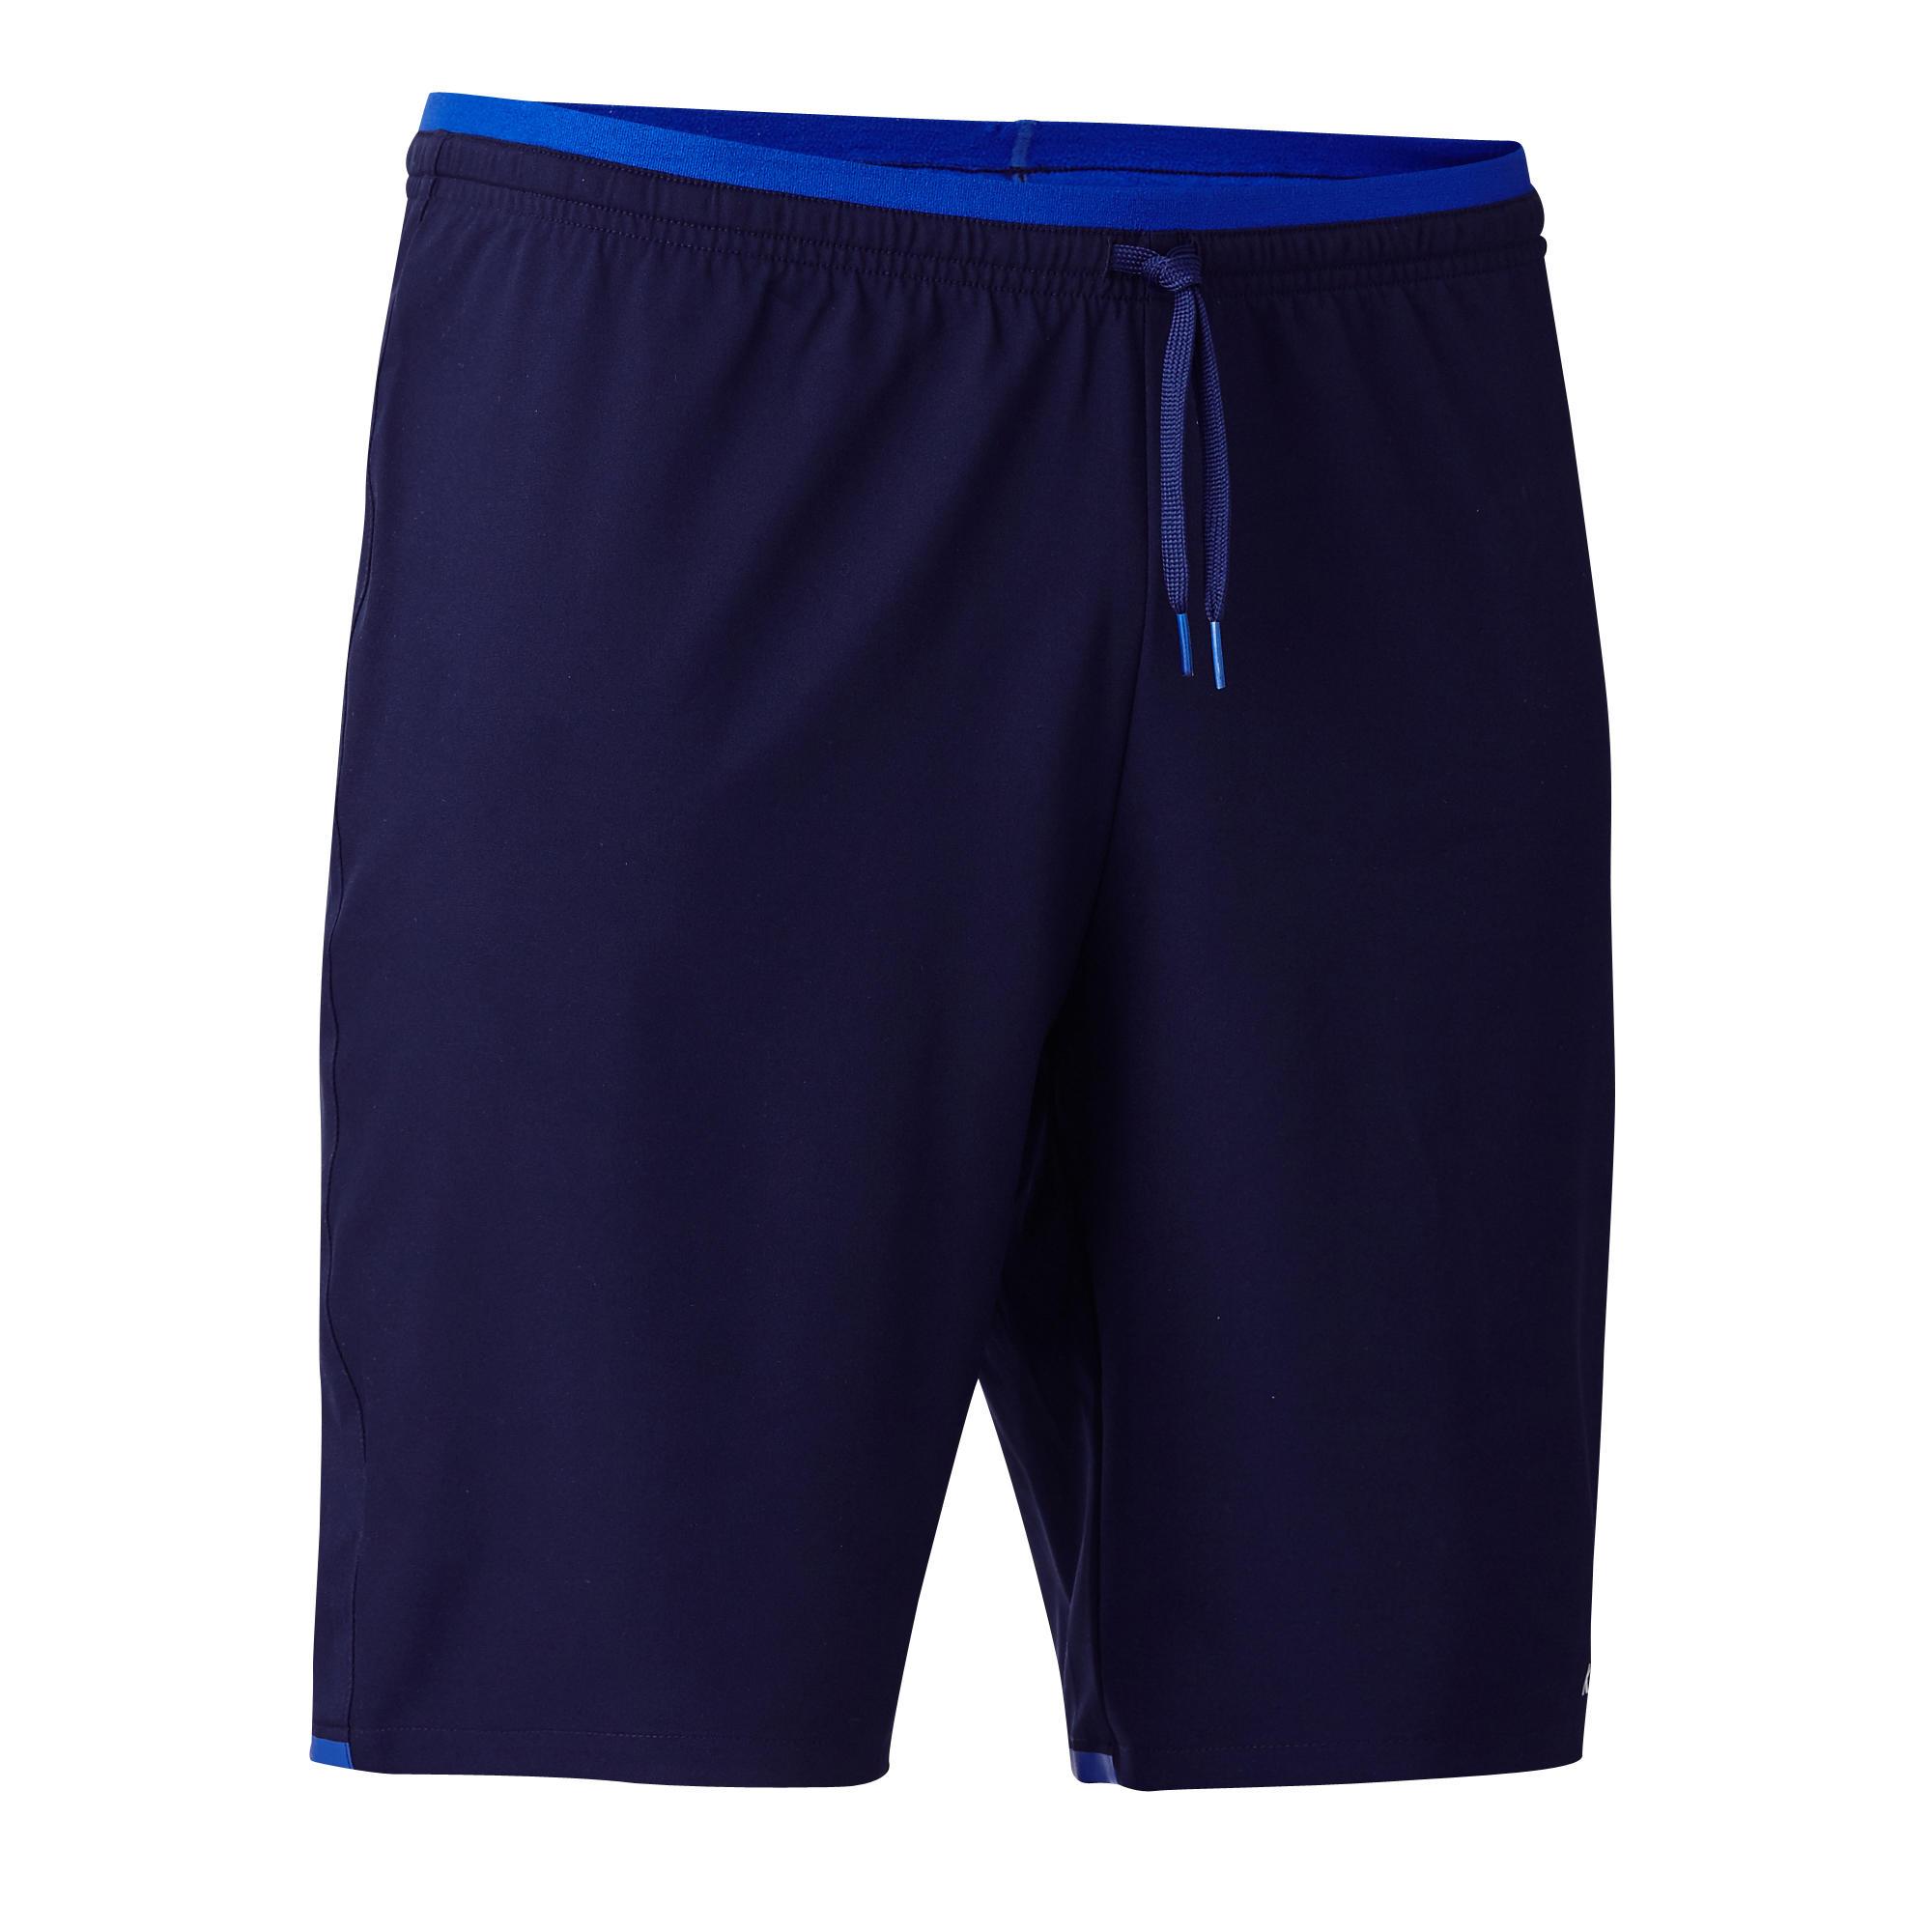 Short de fútbol para adulto F500 azul marino